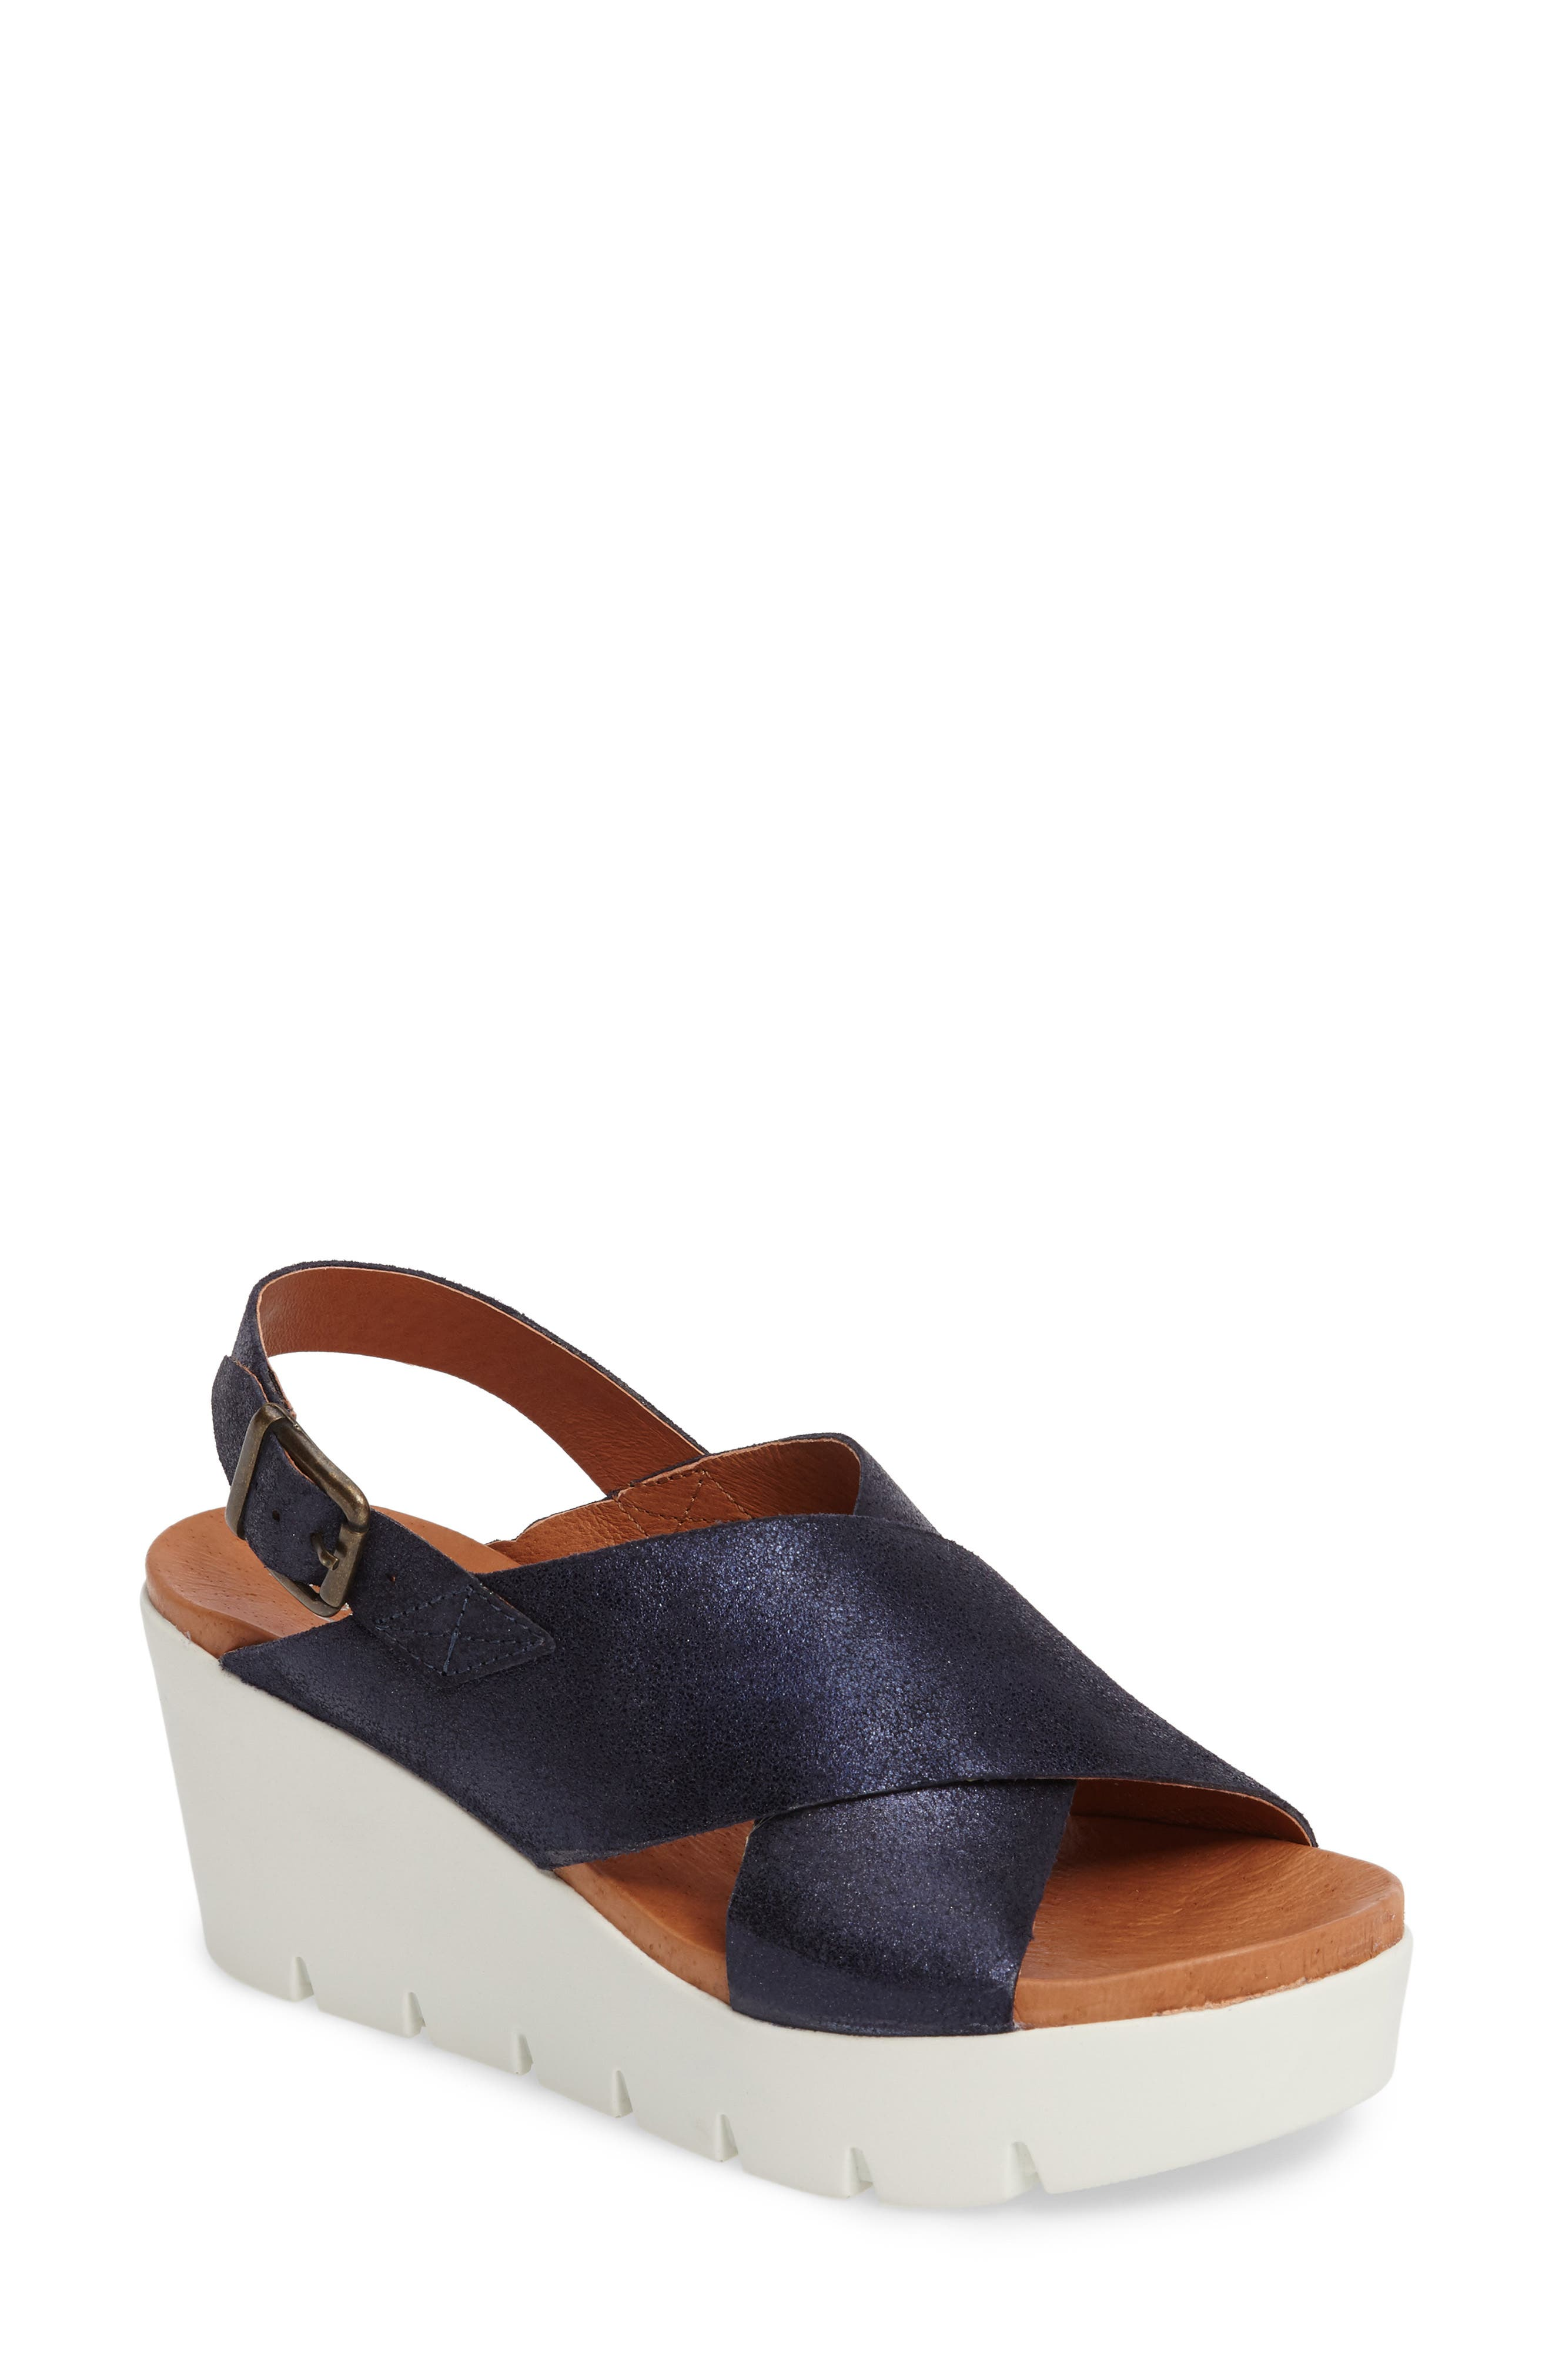 BOS. & CO. Payton Platform Wedge Sandal